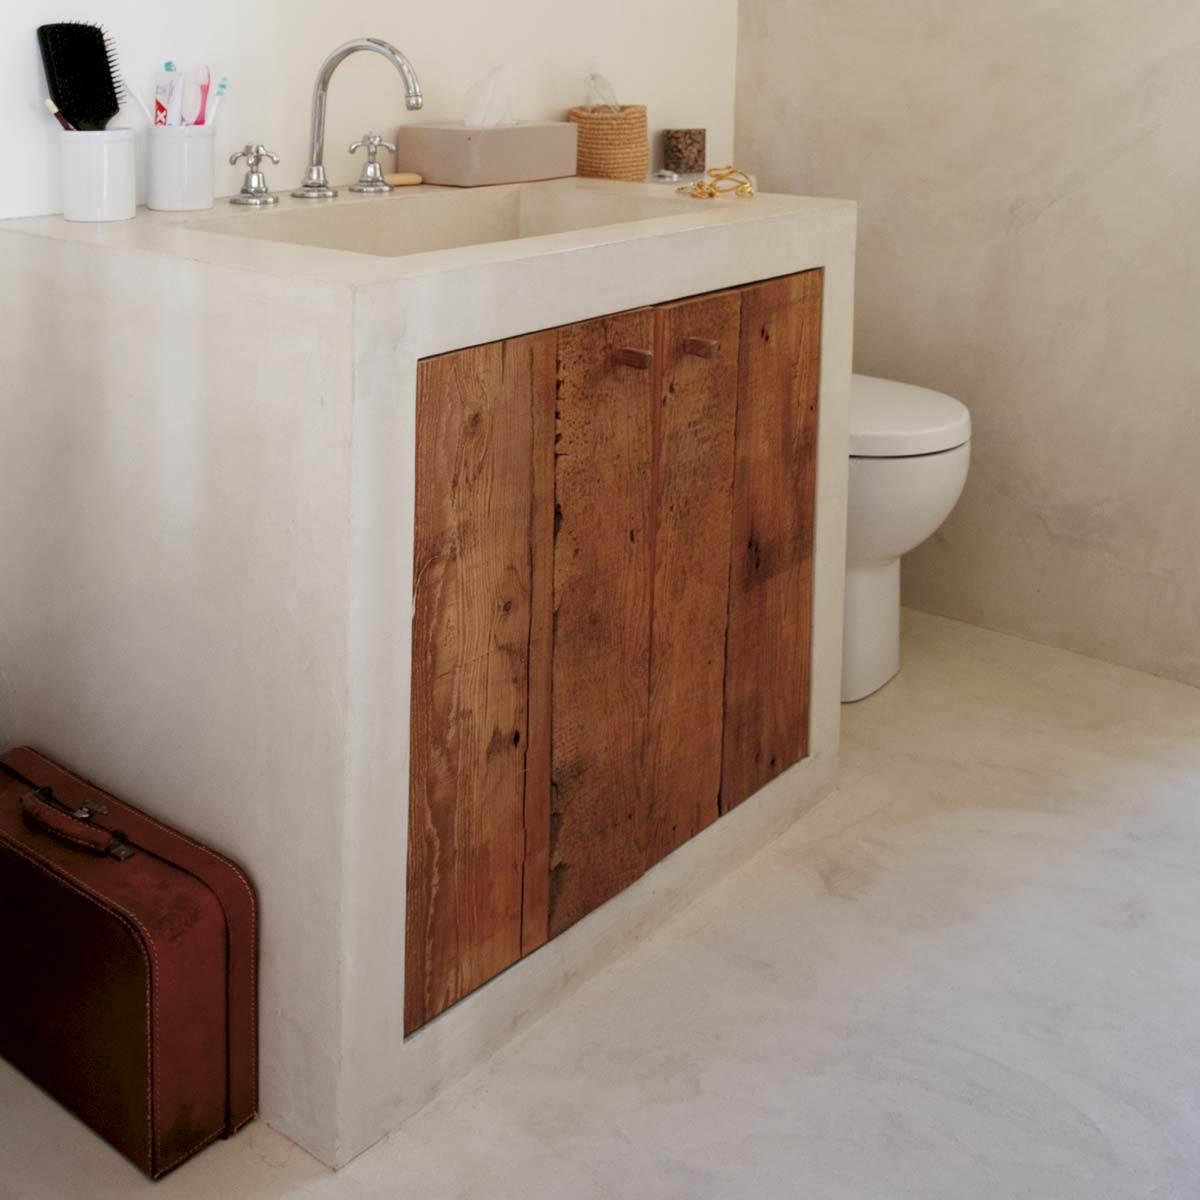 Beton Ciré Salle De Bain mercadier - béton ciré - kit sol extérieur & pièce d'eau - support poreux  lisse cocomilk - jusqu'à 1